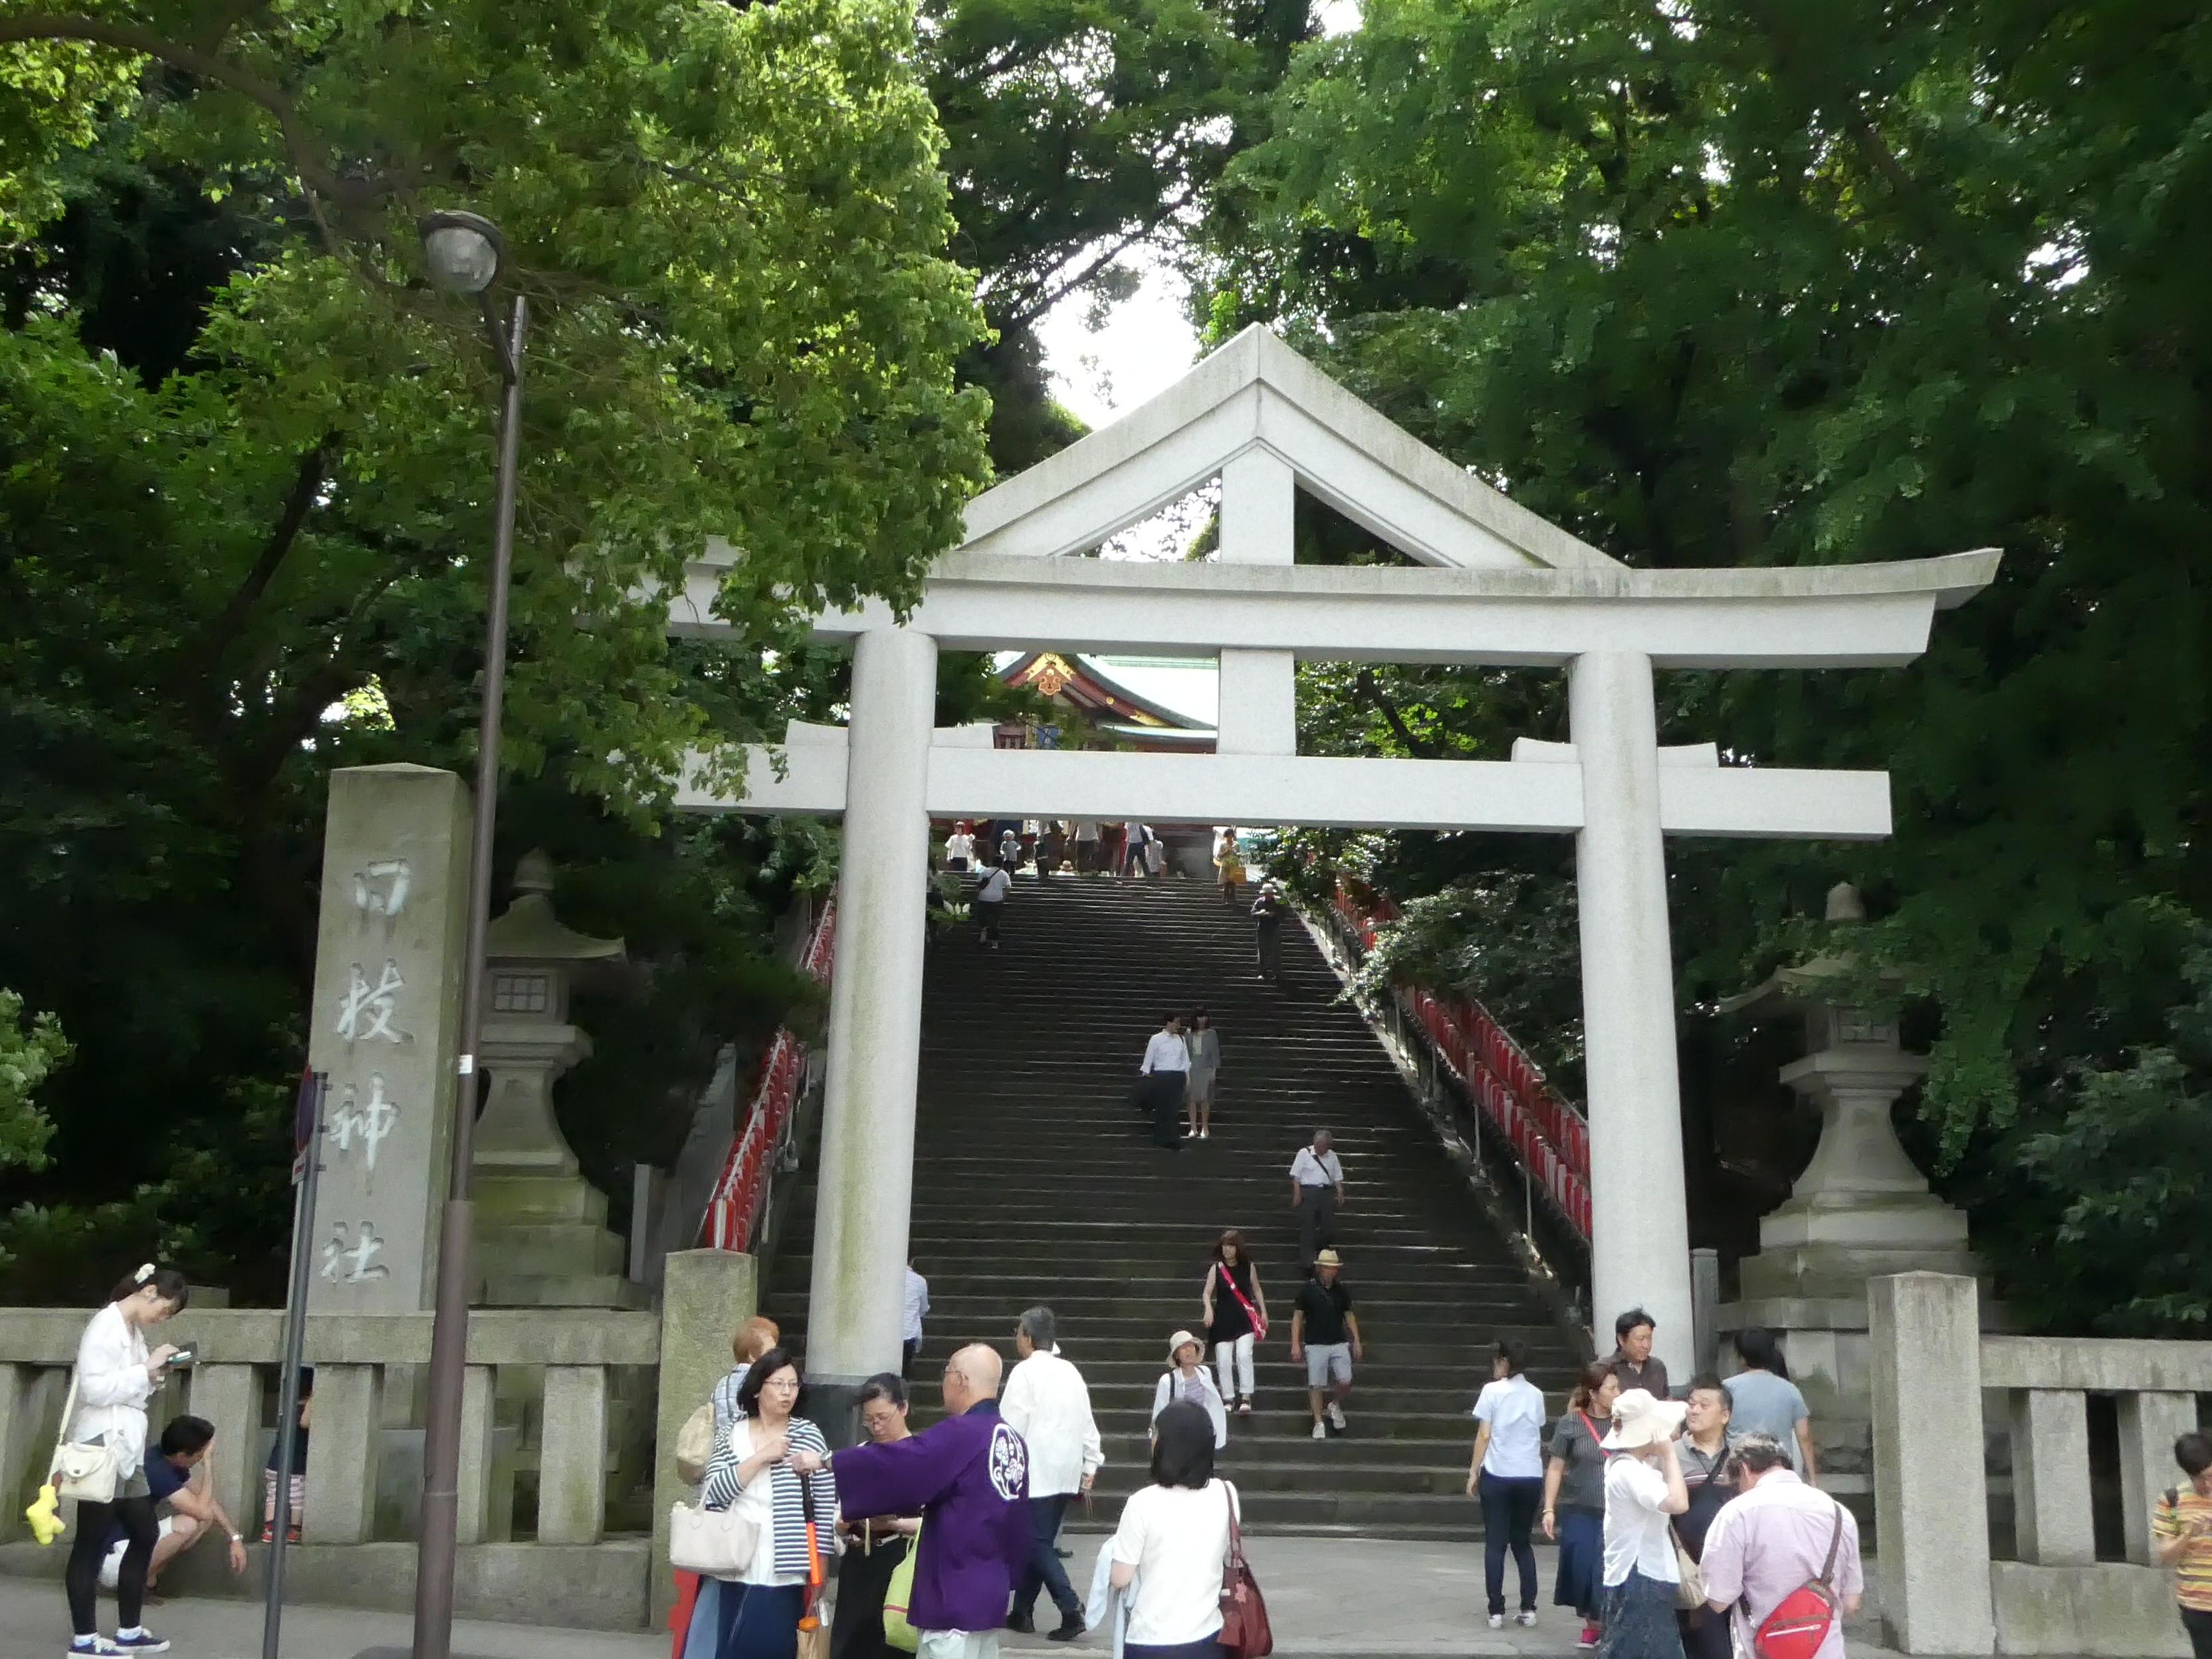 東京都千代田区永田町のパワースポット『日枝神社』にお礼参りと御朱印をいただきました。